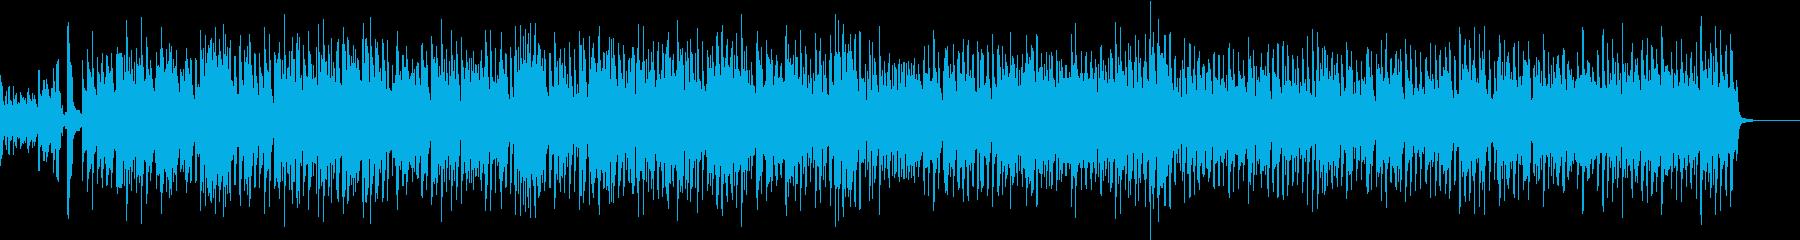 ジ・エンターテイナー/ジャズバンドの再生済みの波形